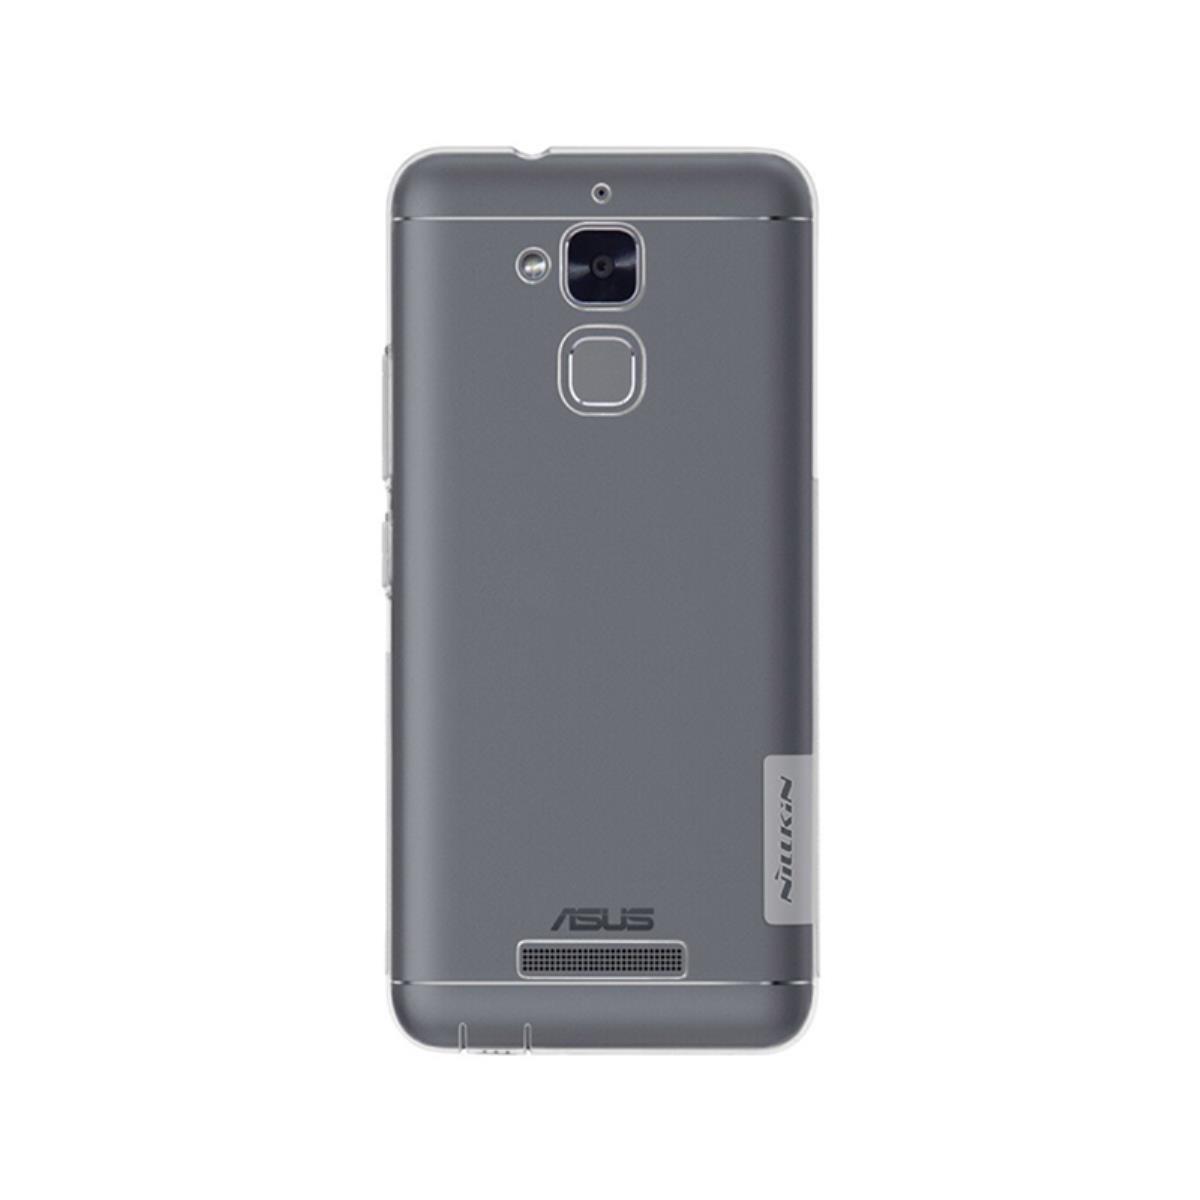 WIKO LENNY 3 MAX 16GB/2GB DUAL SIM BLACK